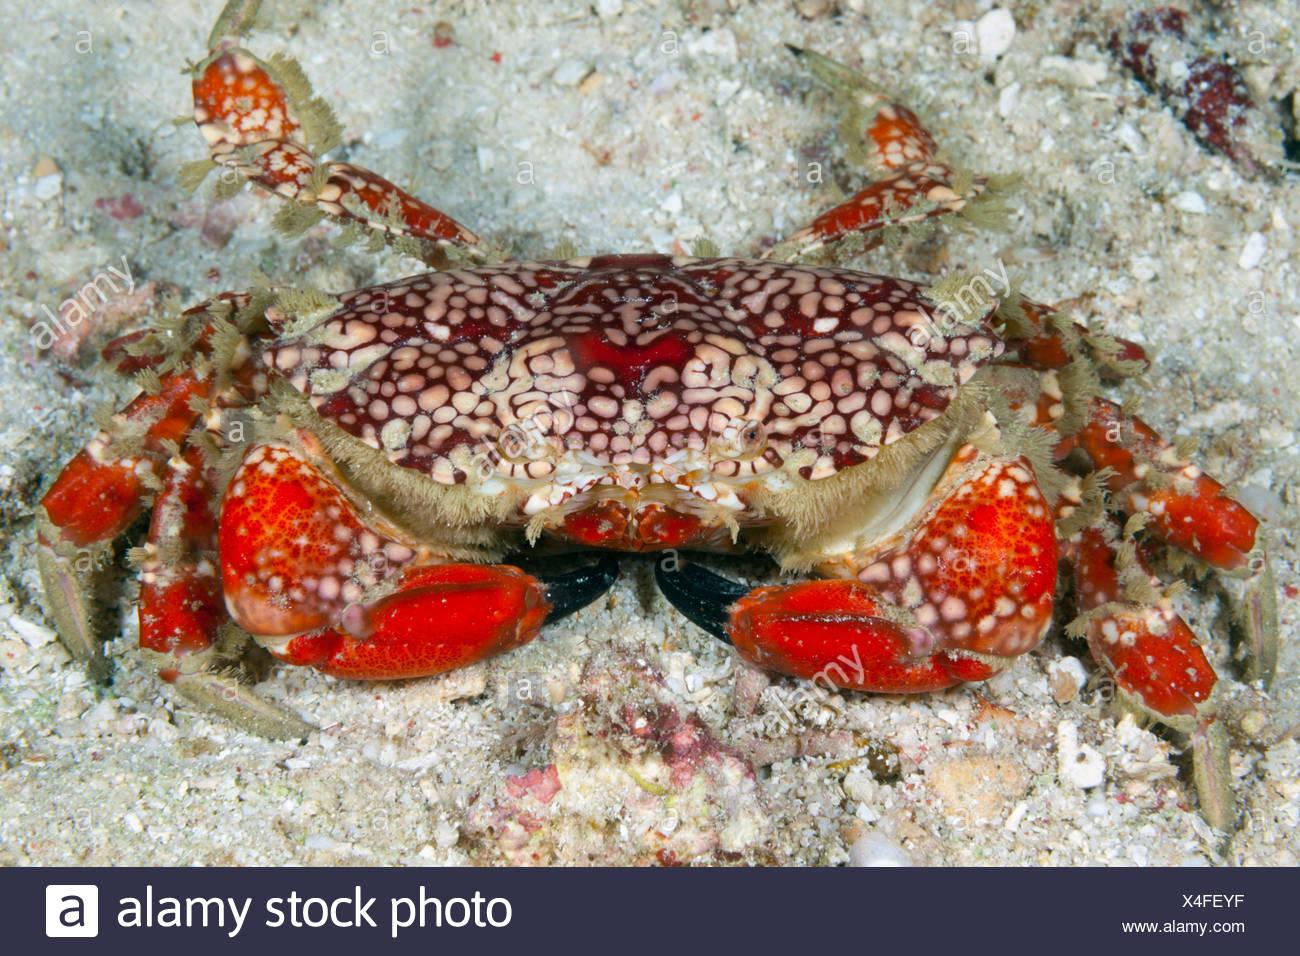 Round crab, Etisus sp., Raja Ampat, west Papua, Indonesia - Stock Image